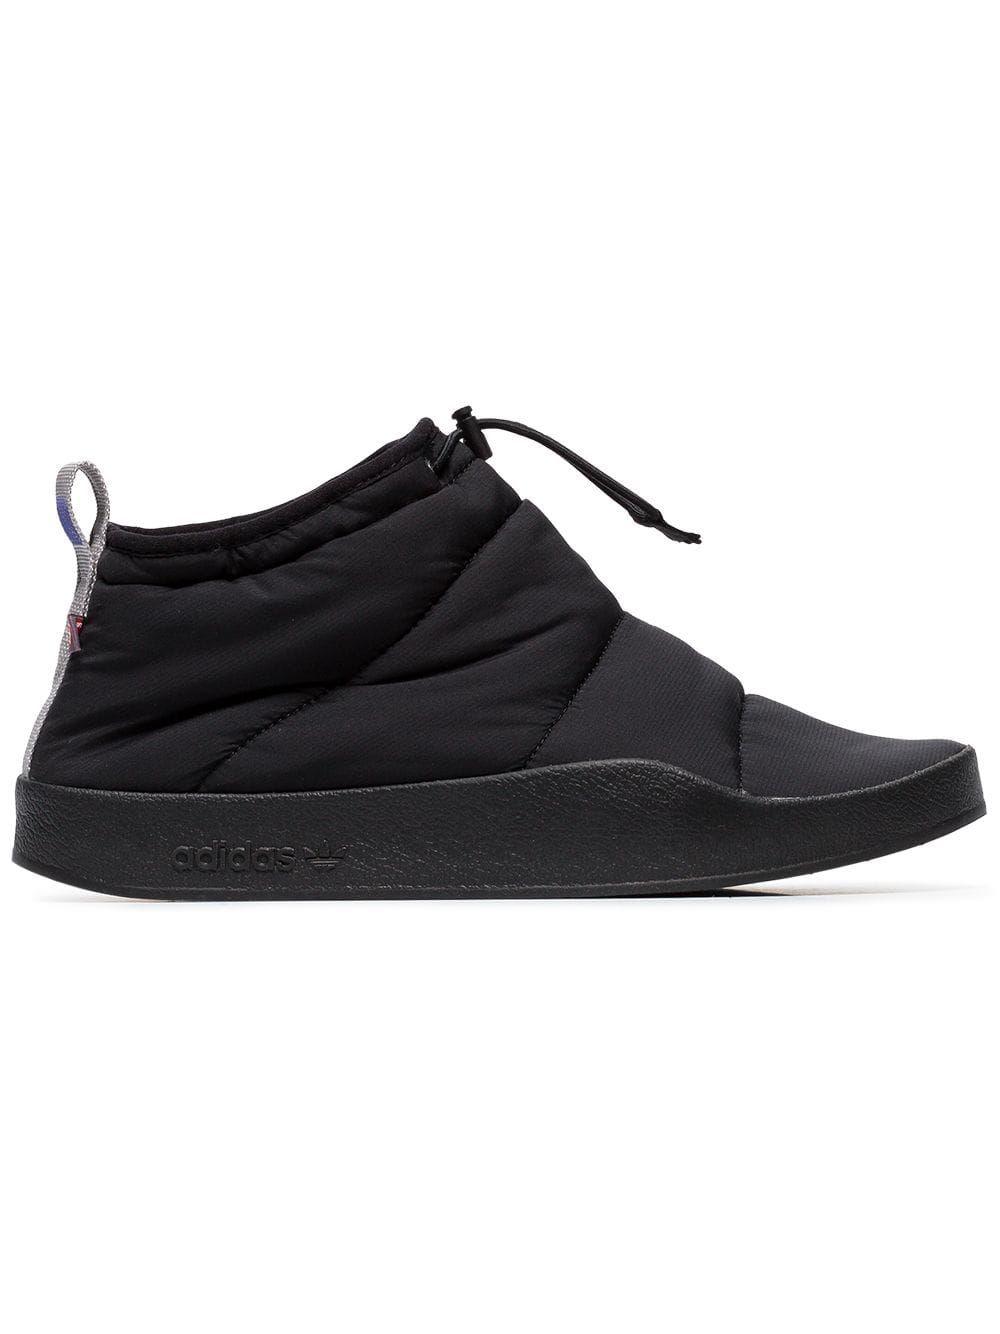 ADIDAS ORIGINALS ADIDAS ADI ADILETTE PRIMA SNKR BLK - BLACK.   adidasoriginals  shoes 3f009f72d